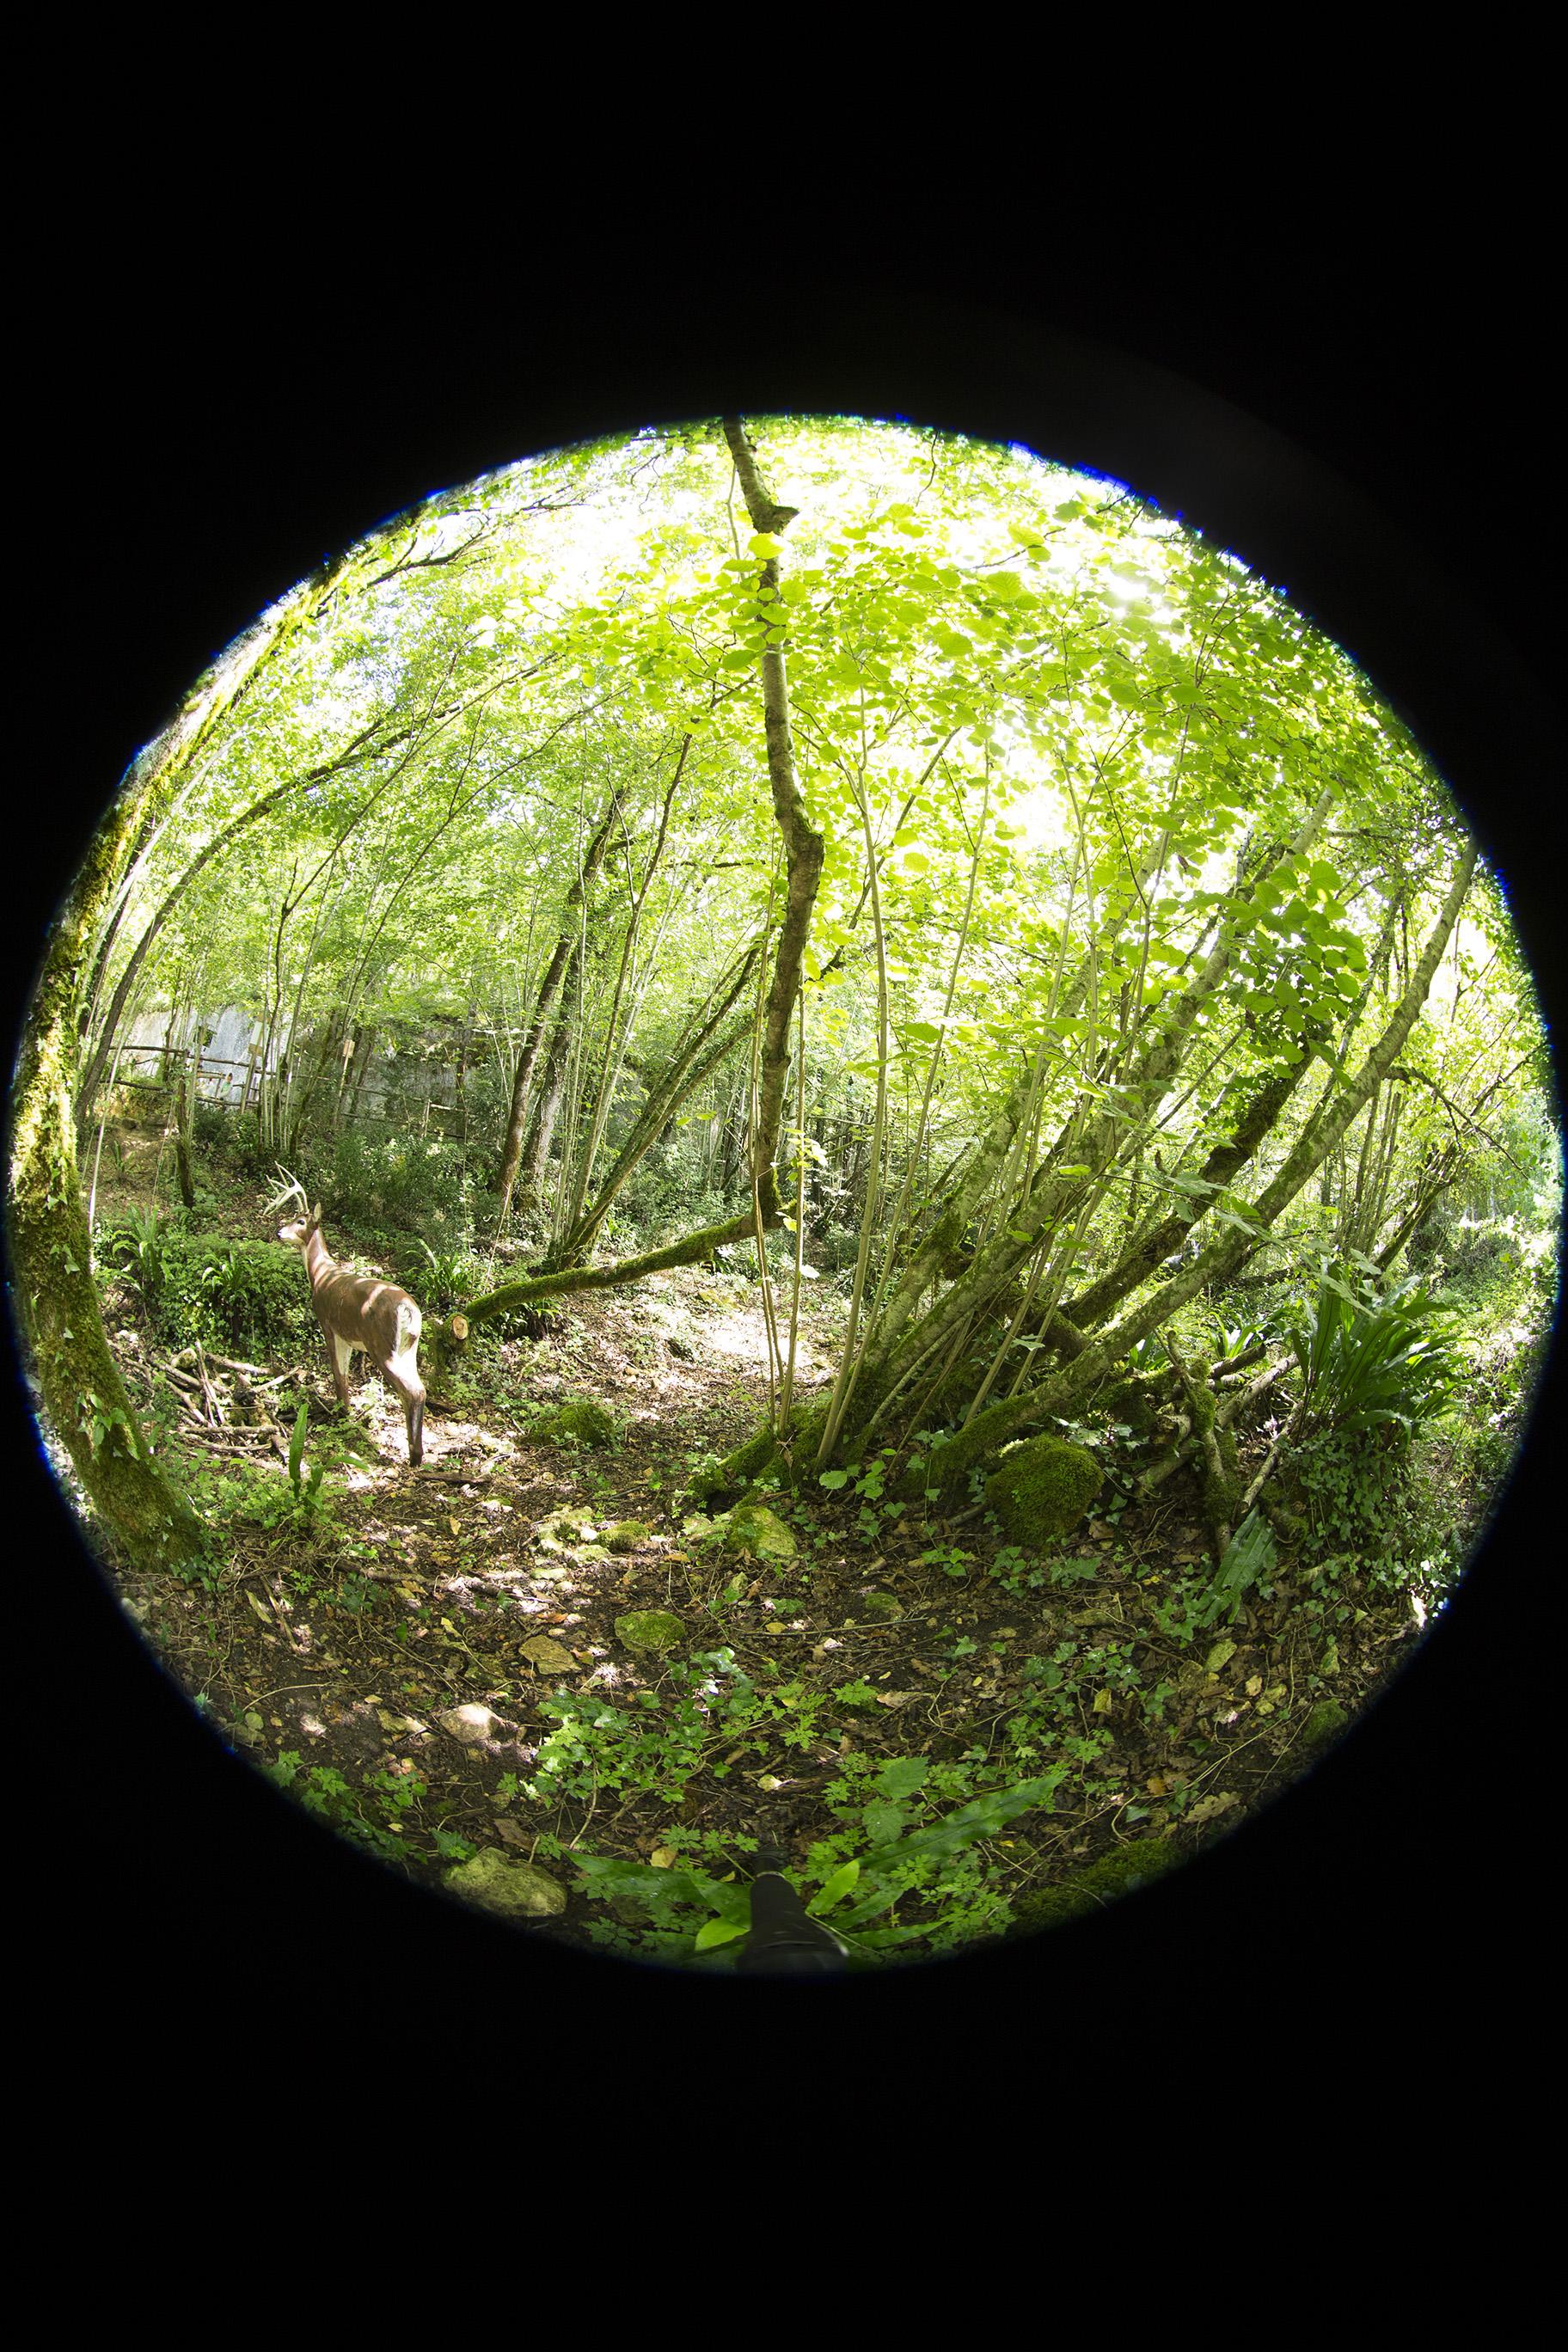 creer-une-visite-virtuelle.com_HDR_Roc_de_cazelle-9.jpg